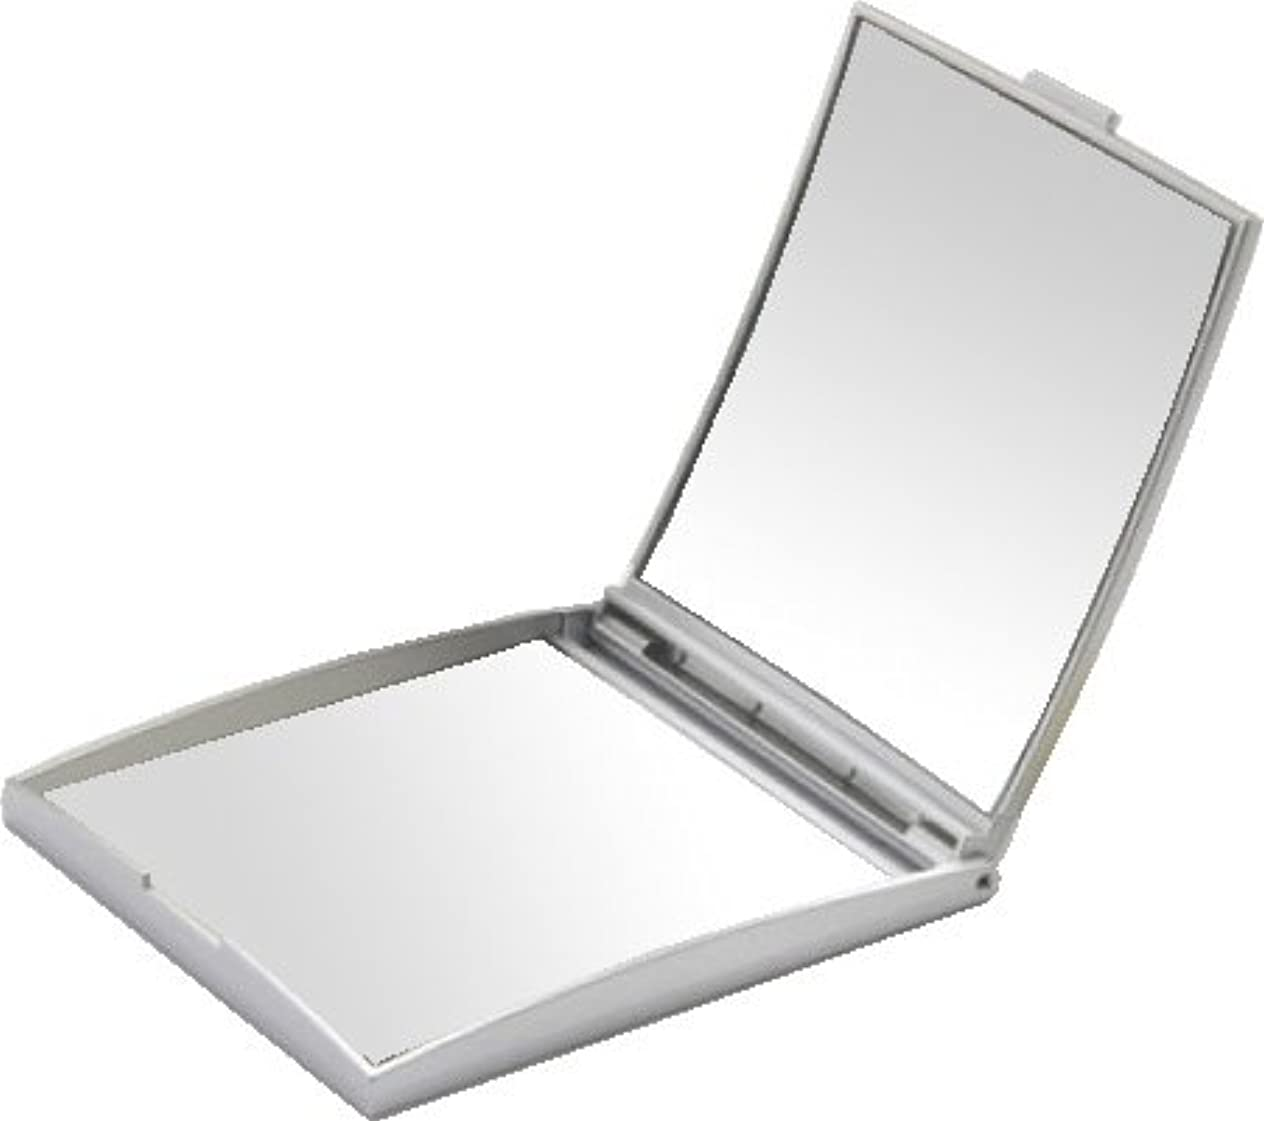 ナースセラーだらしないメリー 片面約5倍拡大鏡付コンパクトミラー Sサイズ シルバー AD-105